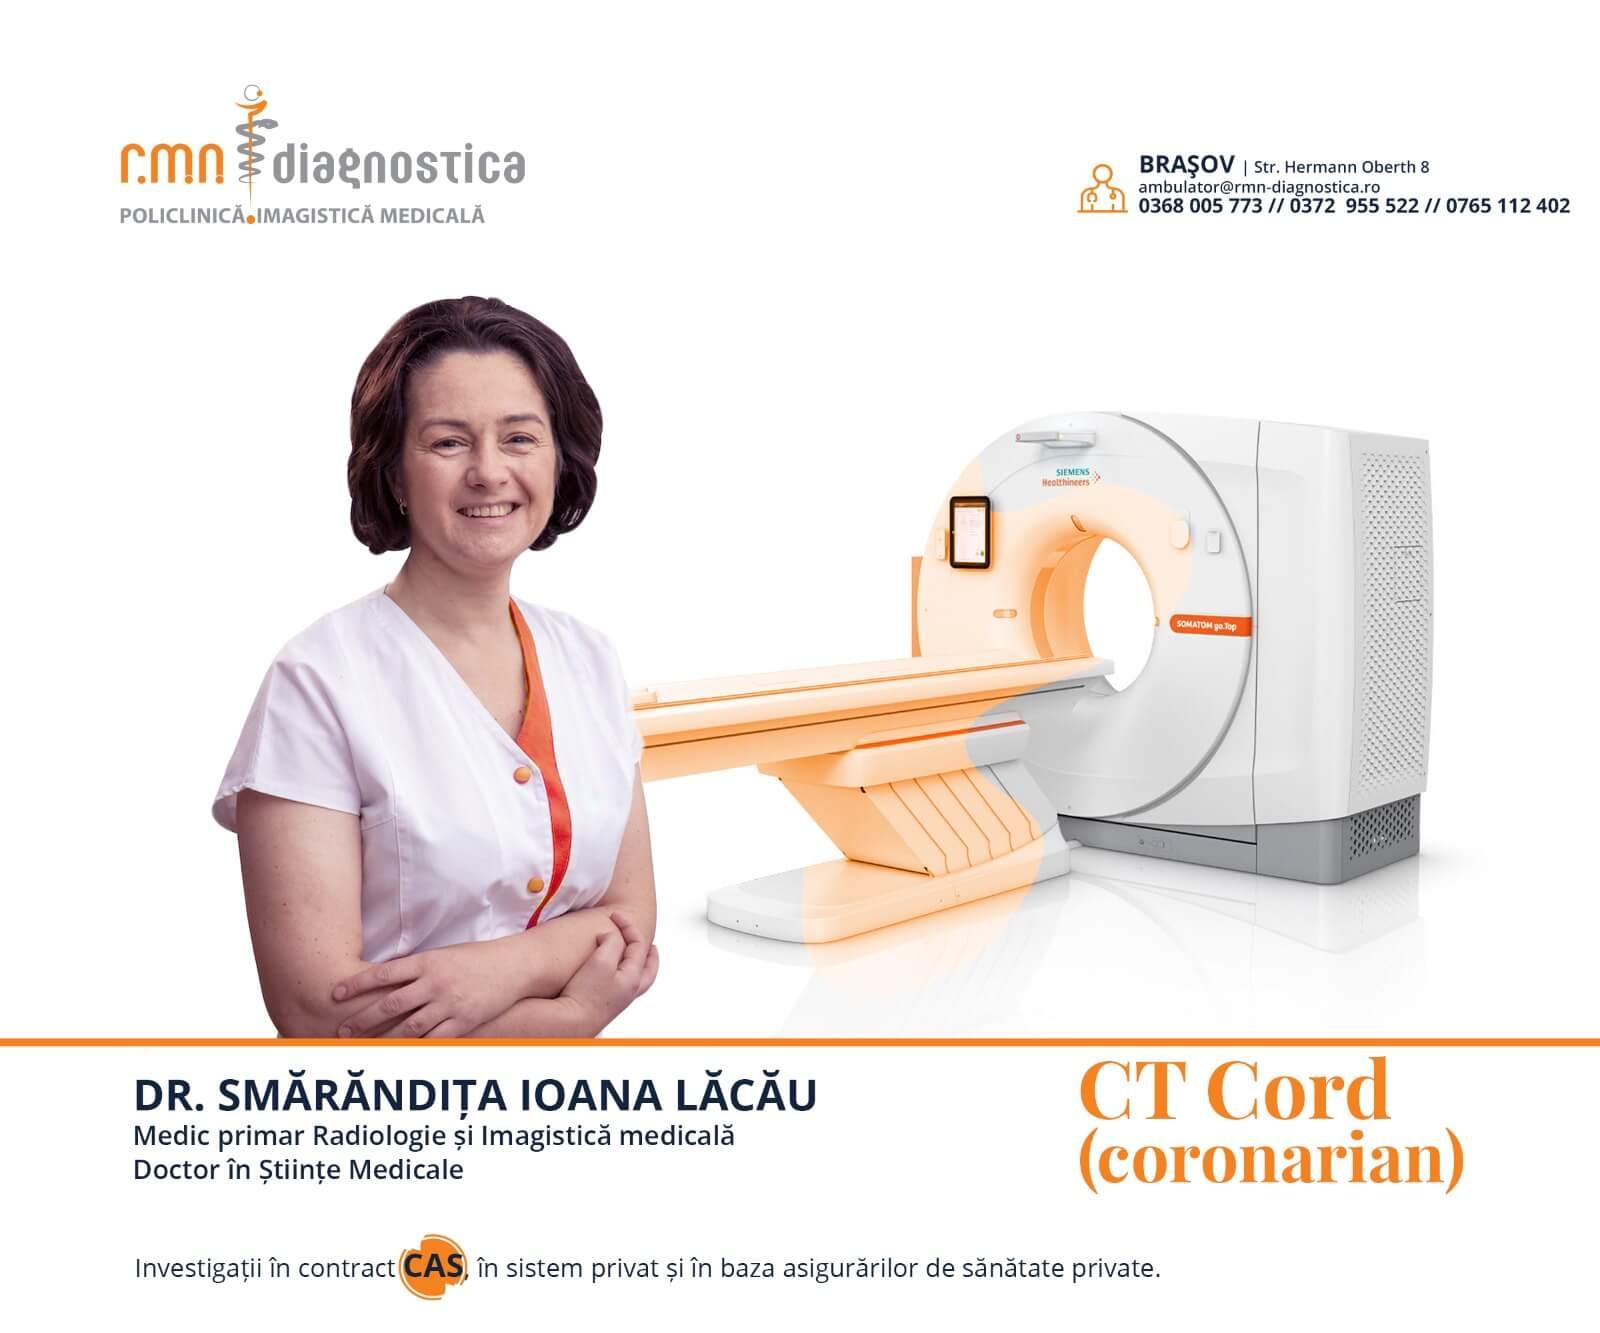 Dr. Smarandita Lacau - medic primar Radiologie - Imagistica Medicala, Doctor în Științe Medicale